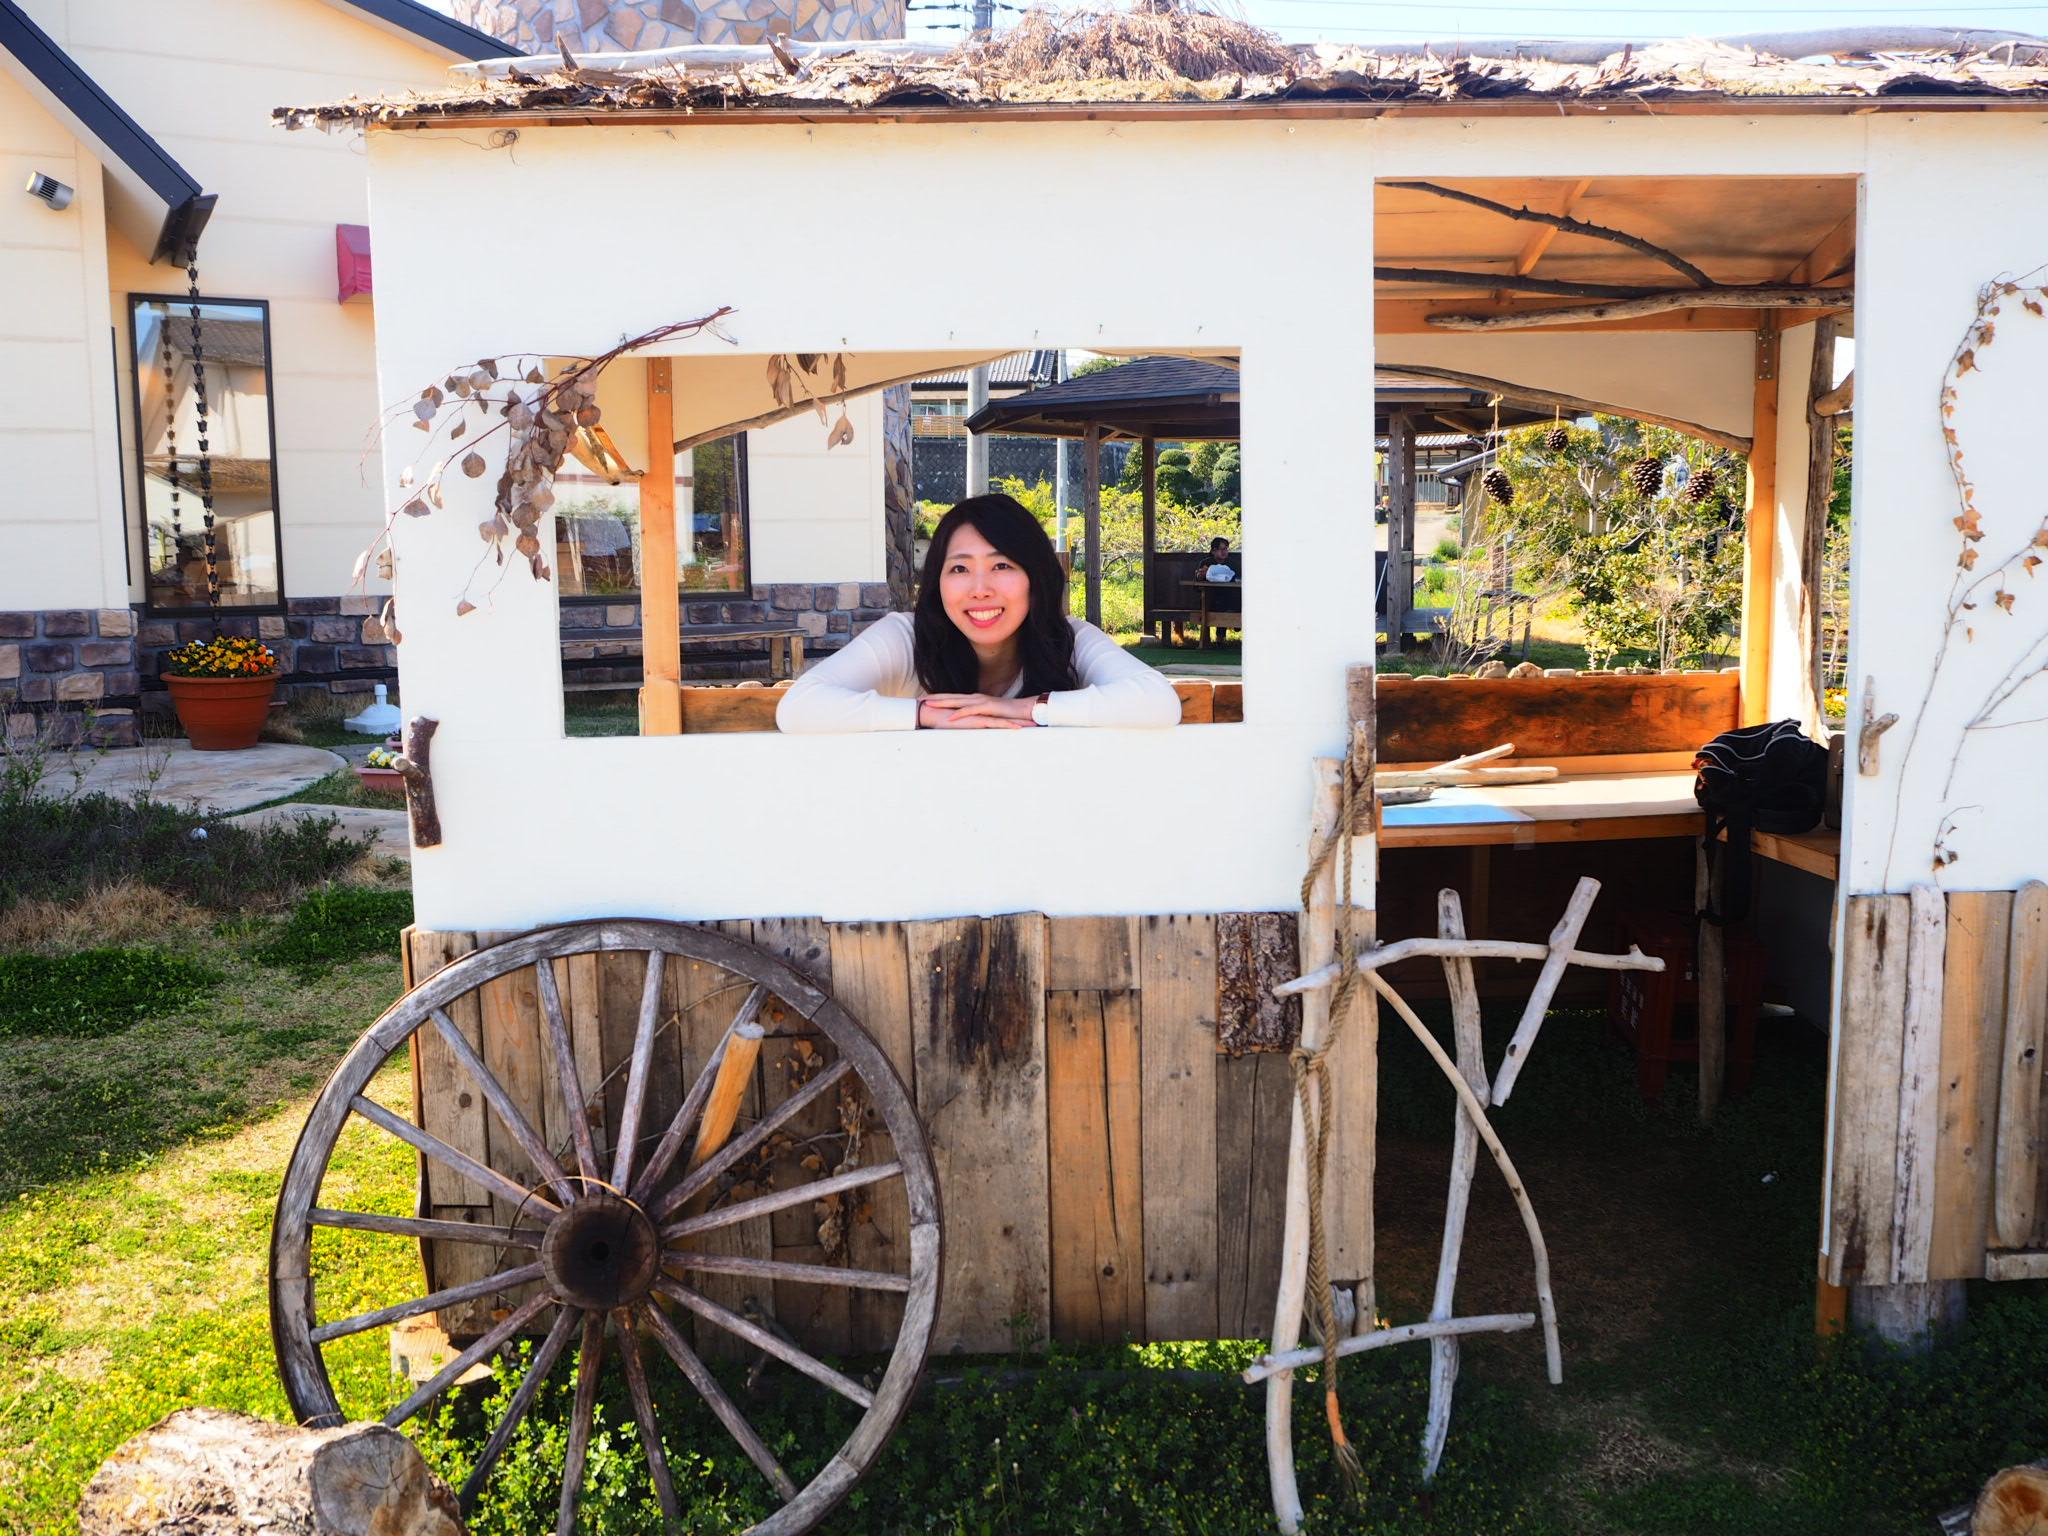 【GW】ひたち海浜公園の帰りに寄ったパン屋さん♡がインスタ映えスポットでした♡_3